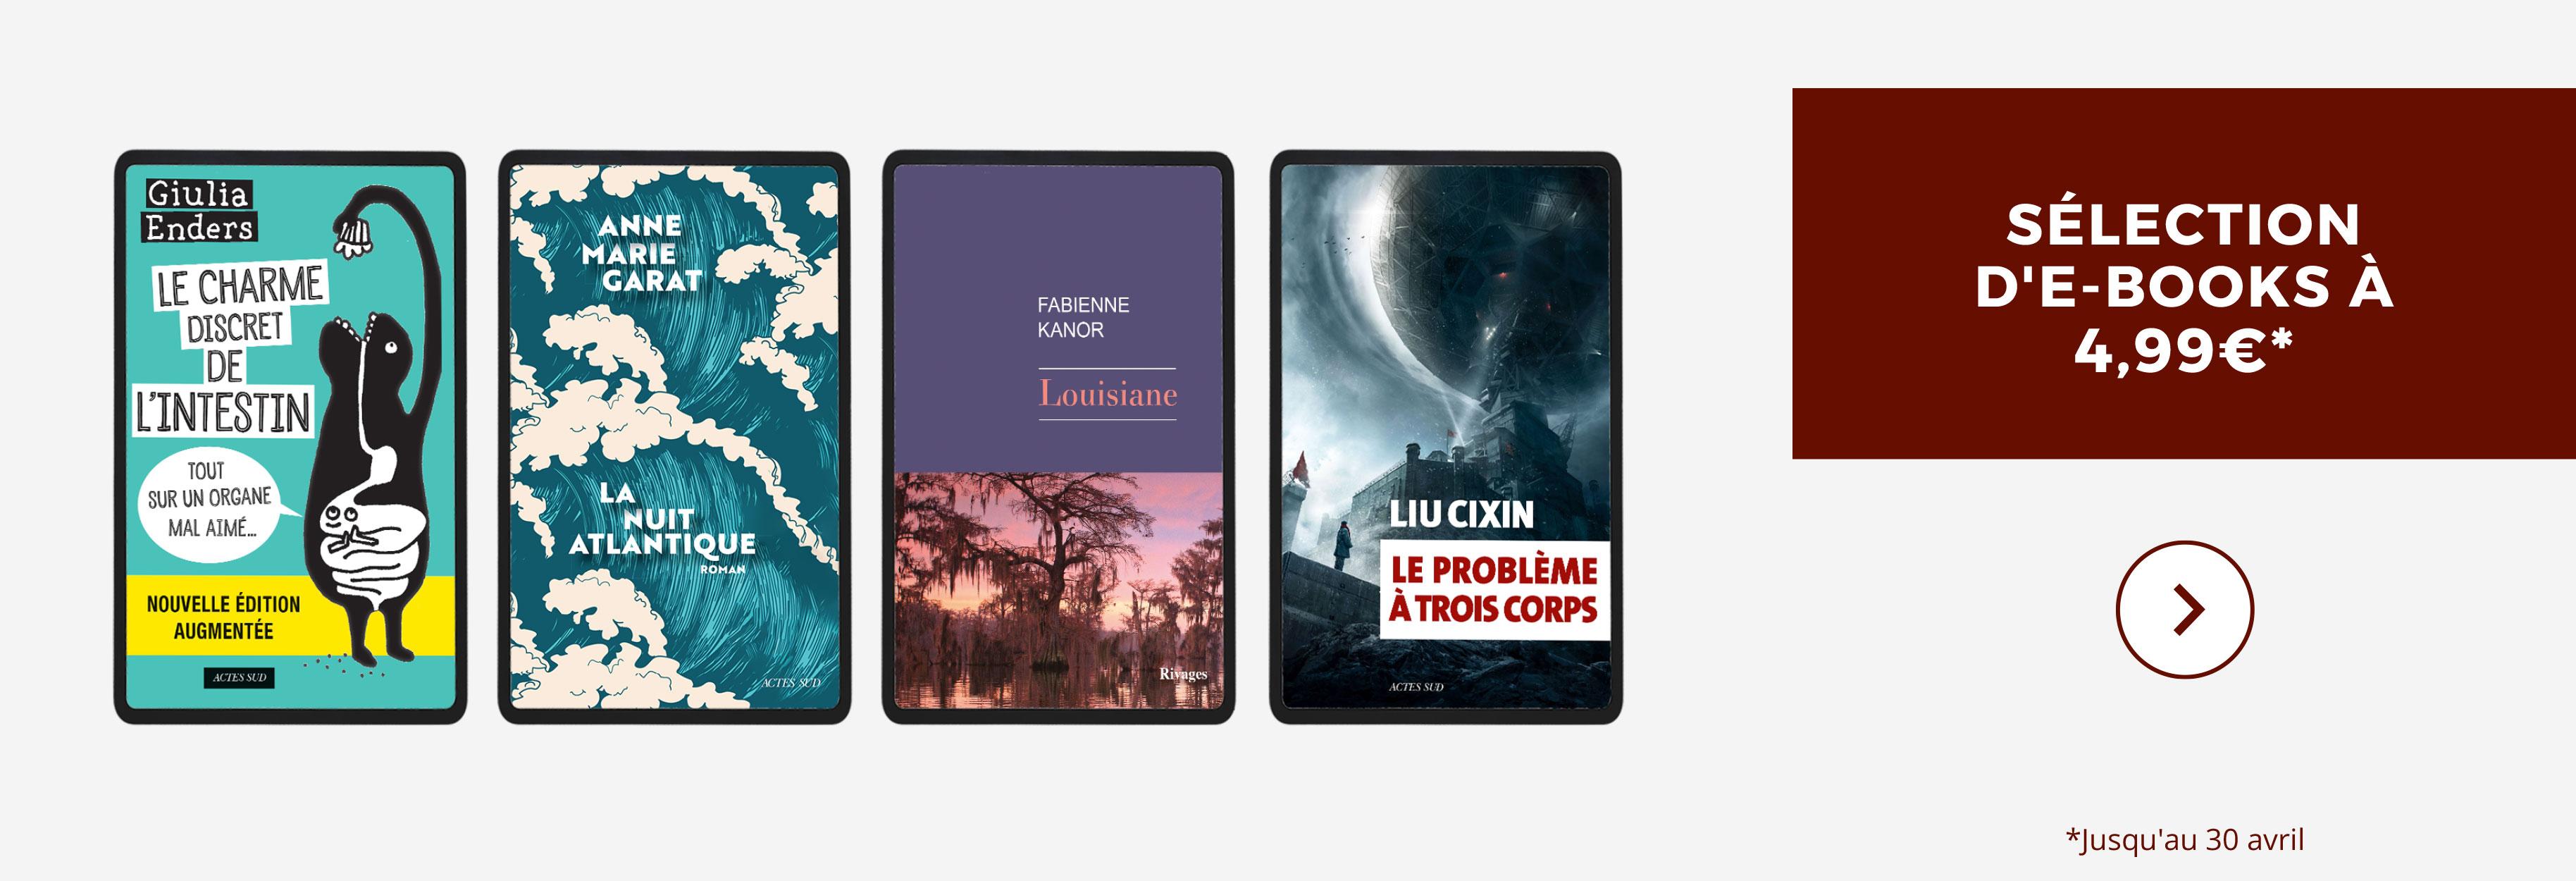 E-books à 4,99€